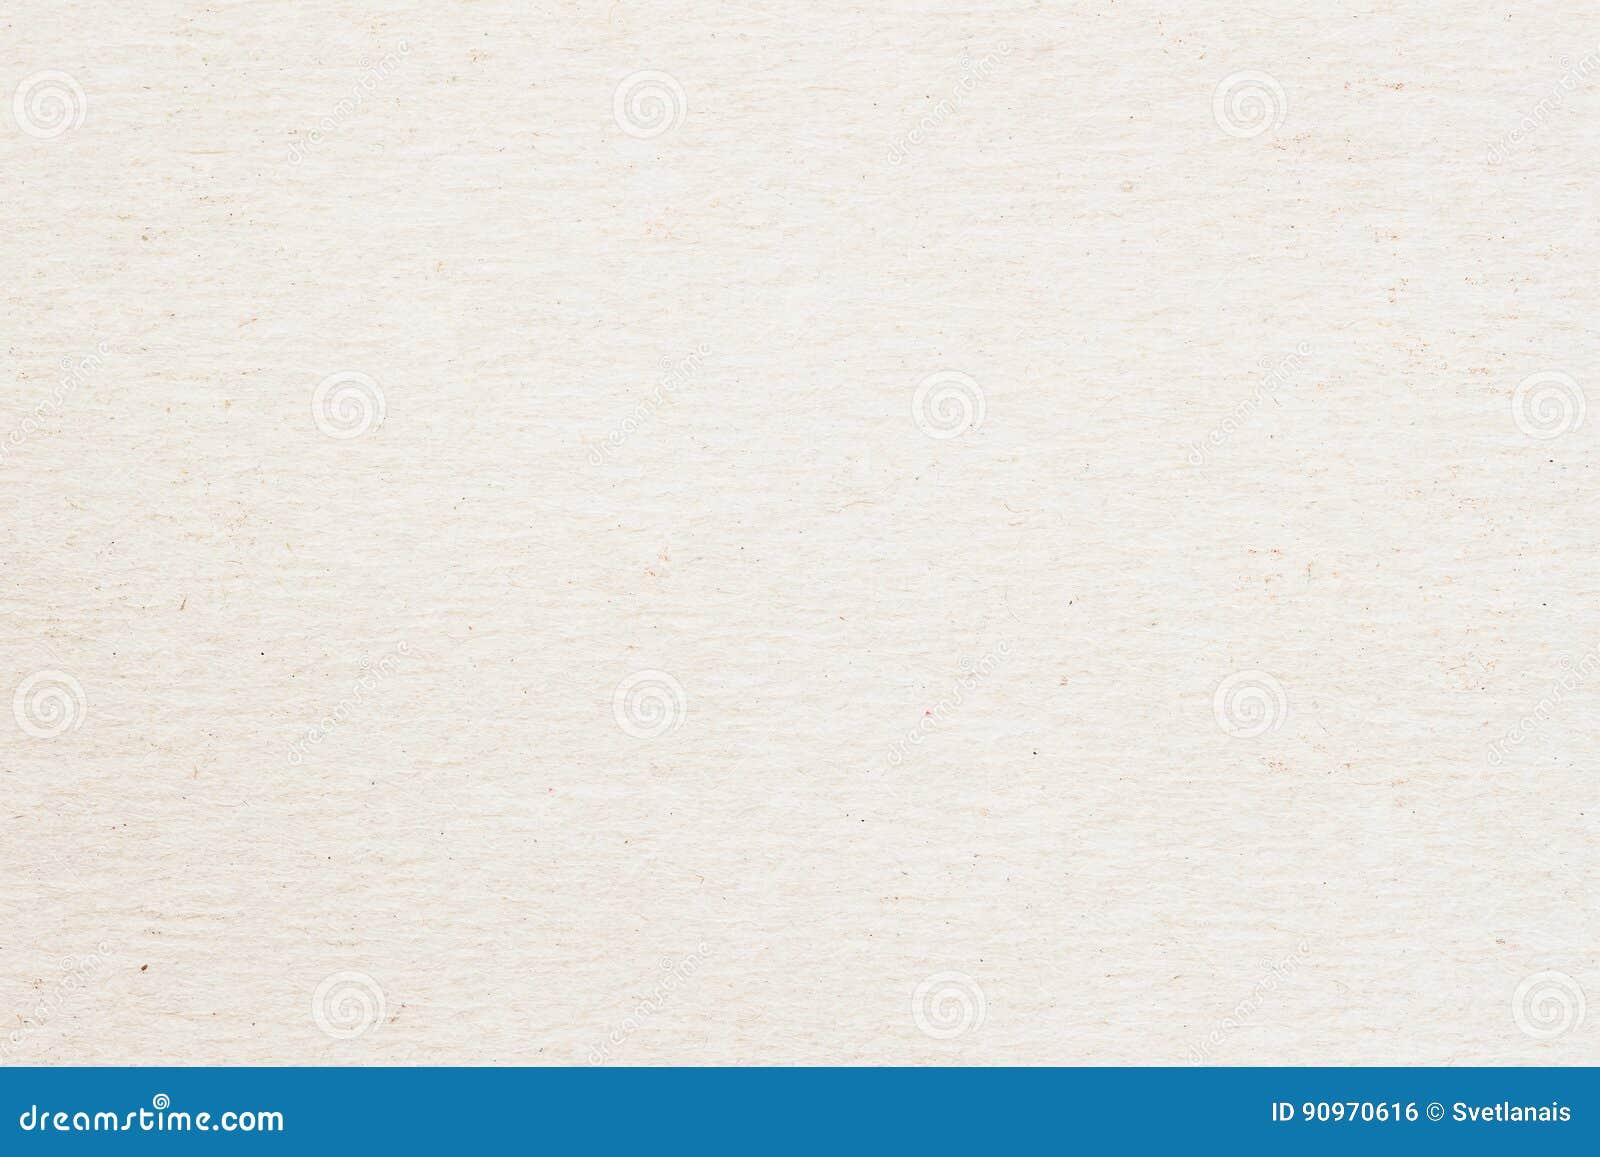 Textur av gammalt organiskt papper för ljus kräm, bakgrund för design med kopieringsutrymmetext eller bild Återvinningsbart mater